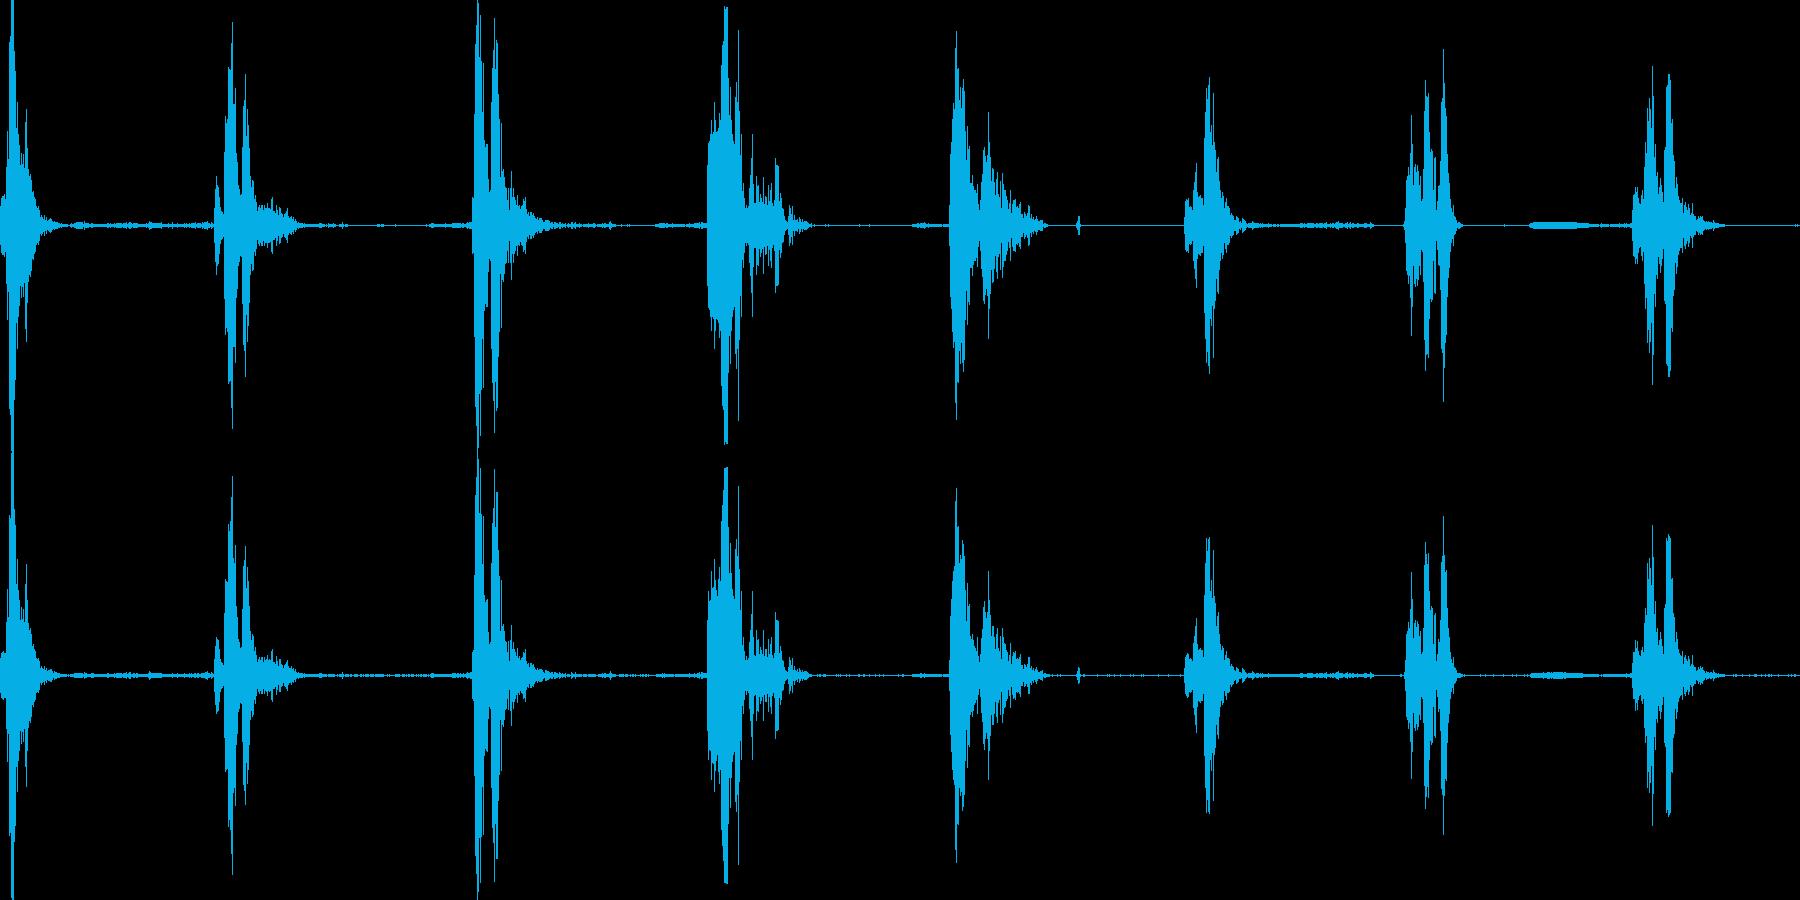 力場のデブリ反応の再生済みの波形